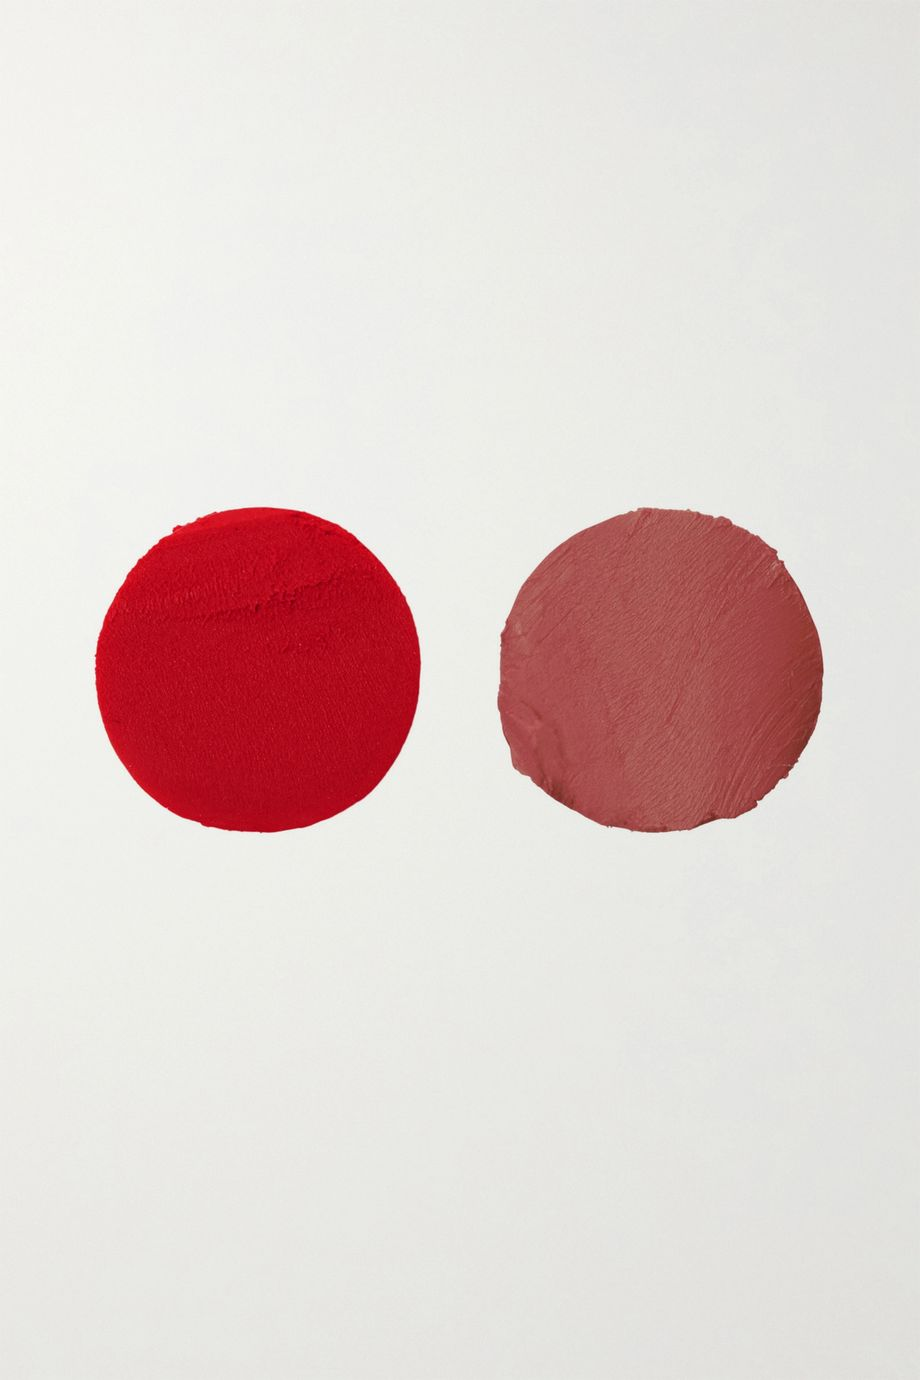 Code8 Lipstick Duo Gift Set